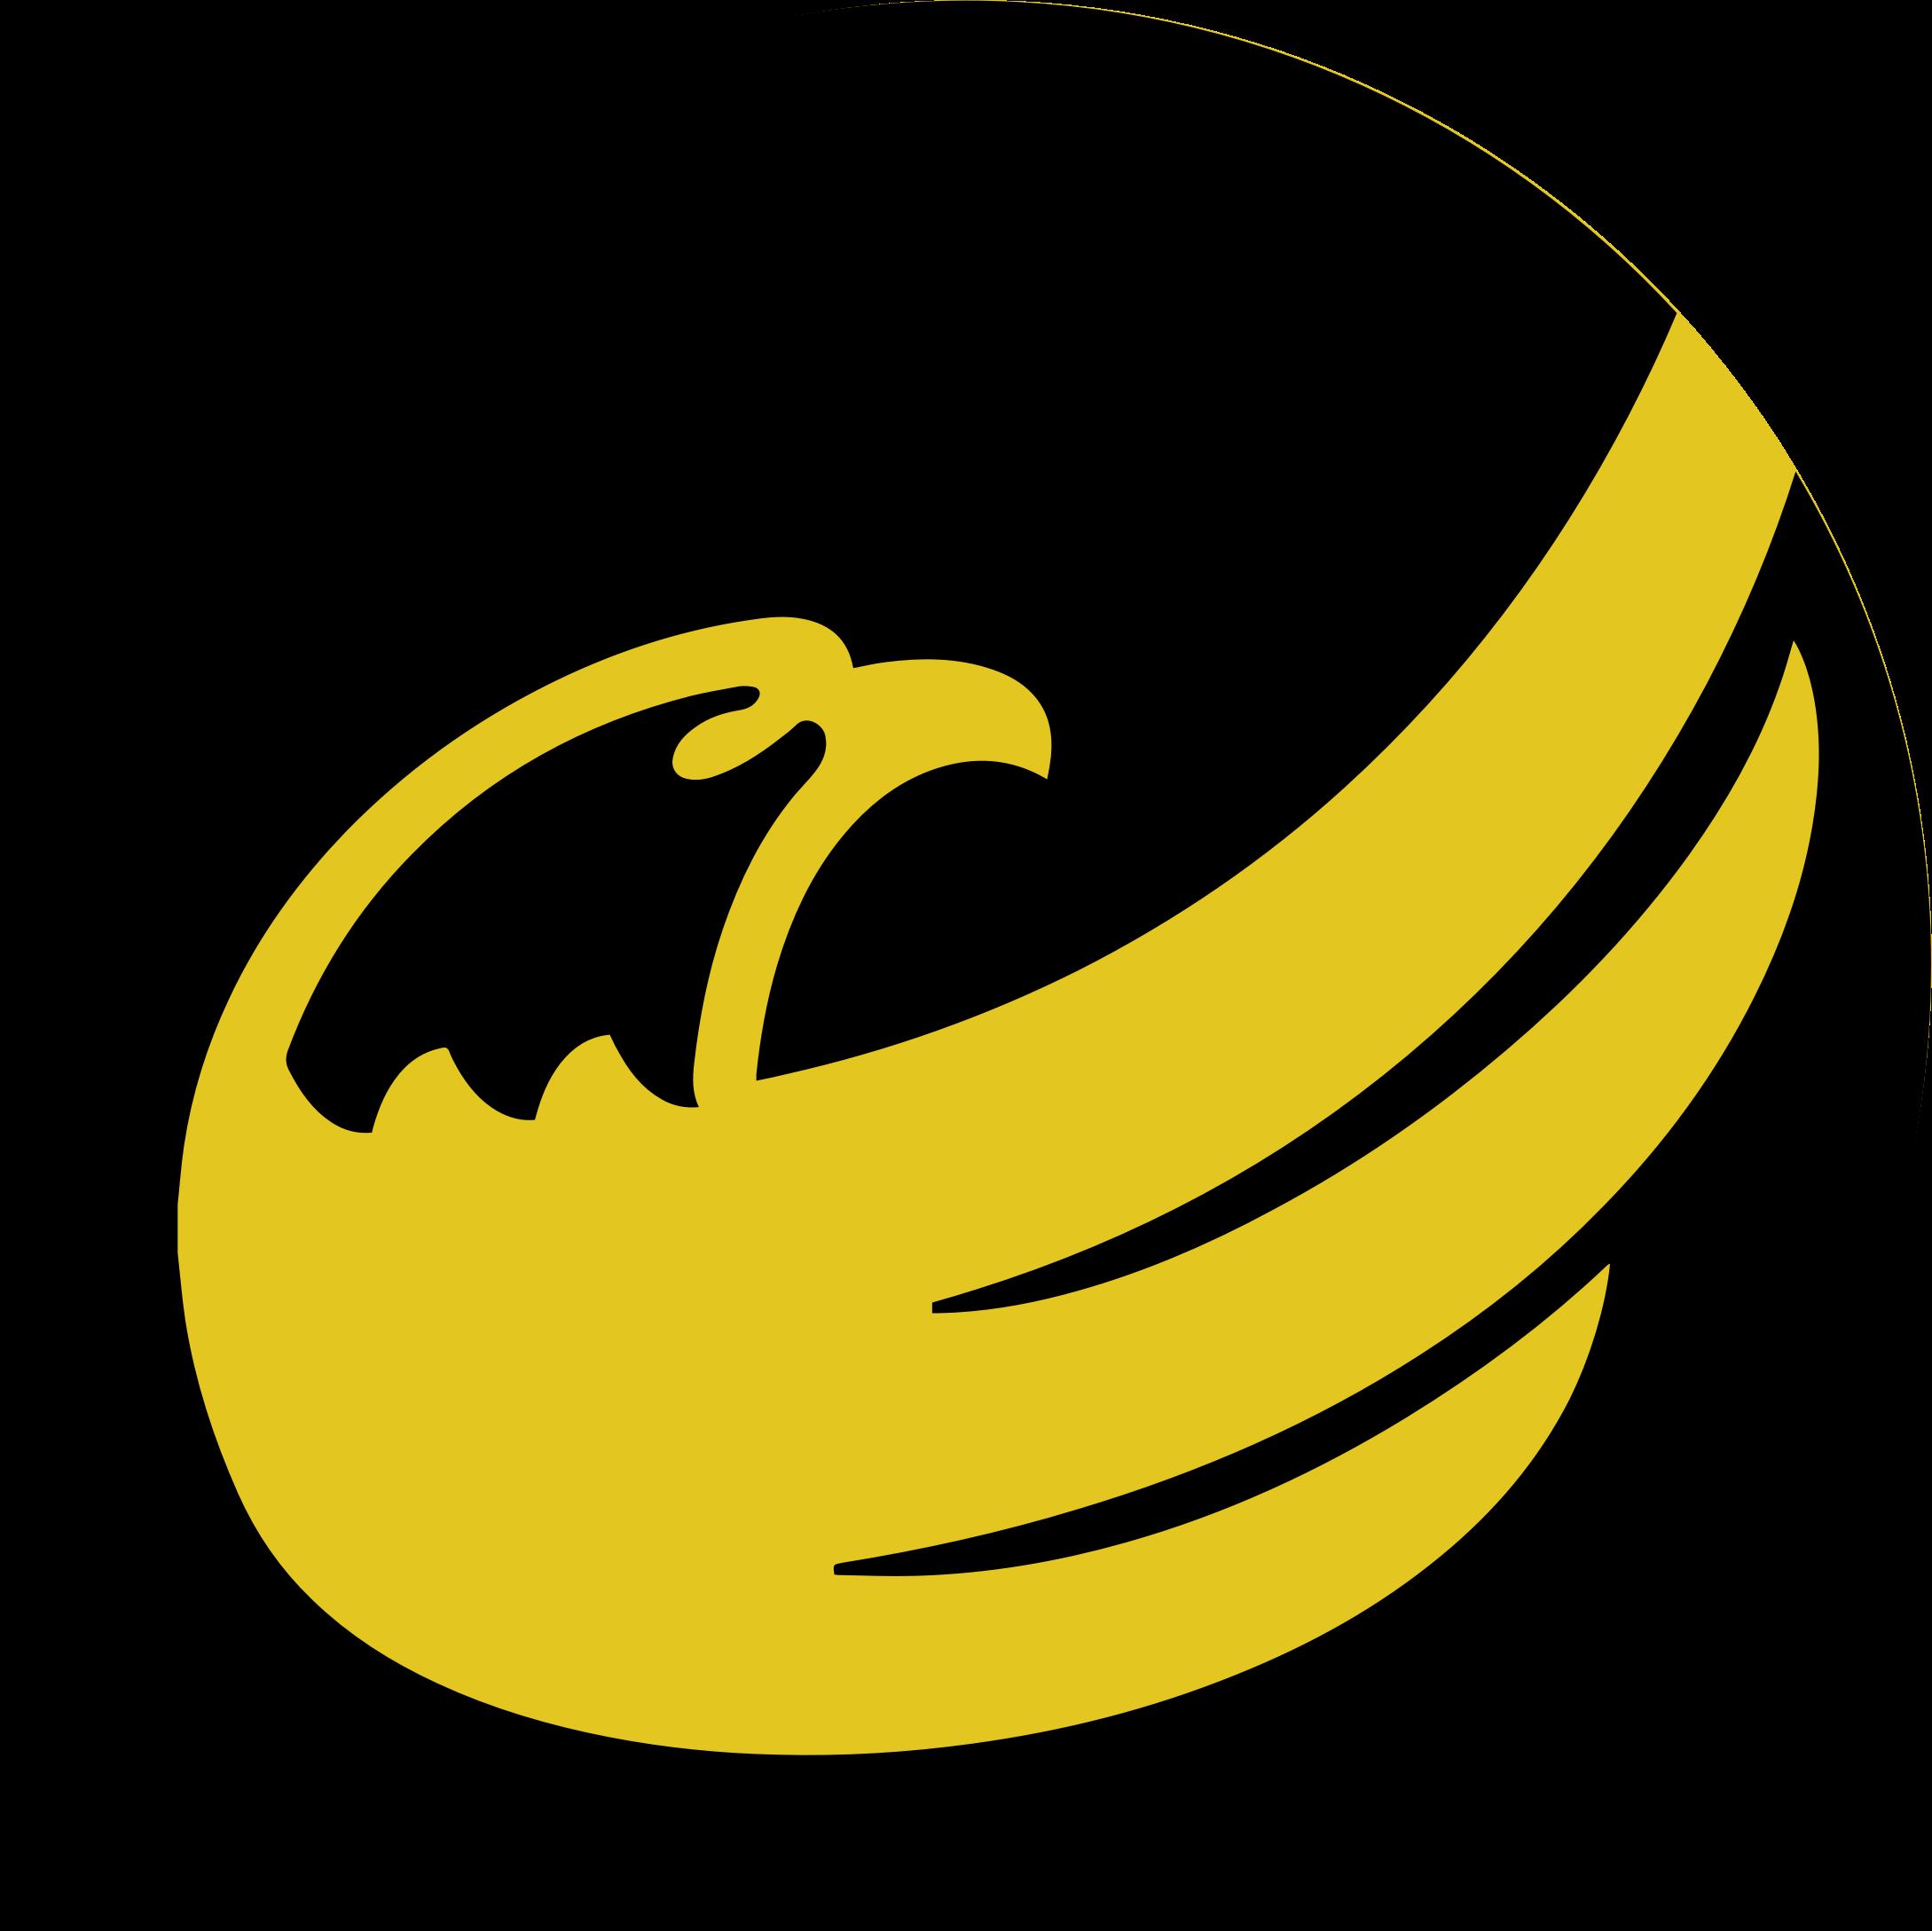 Logo libertarian eagle remix. Circle clipart yellow